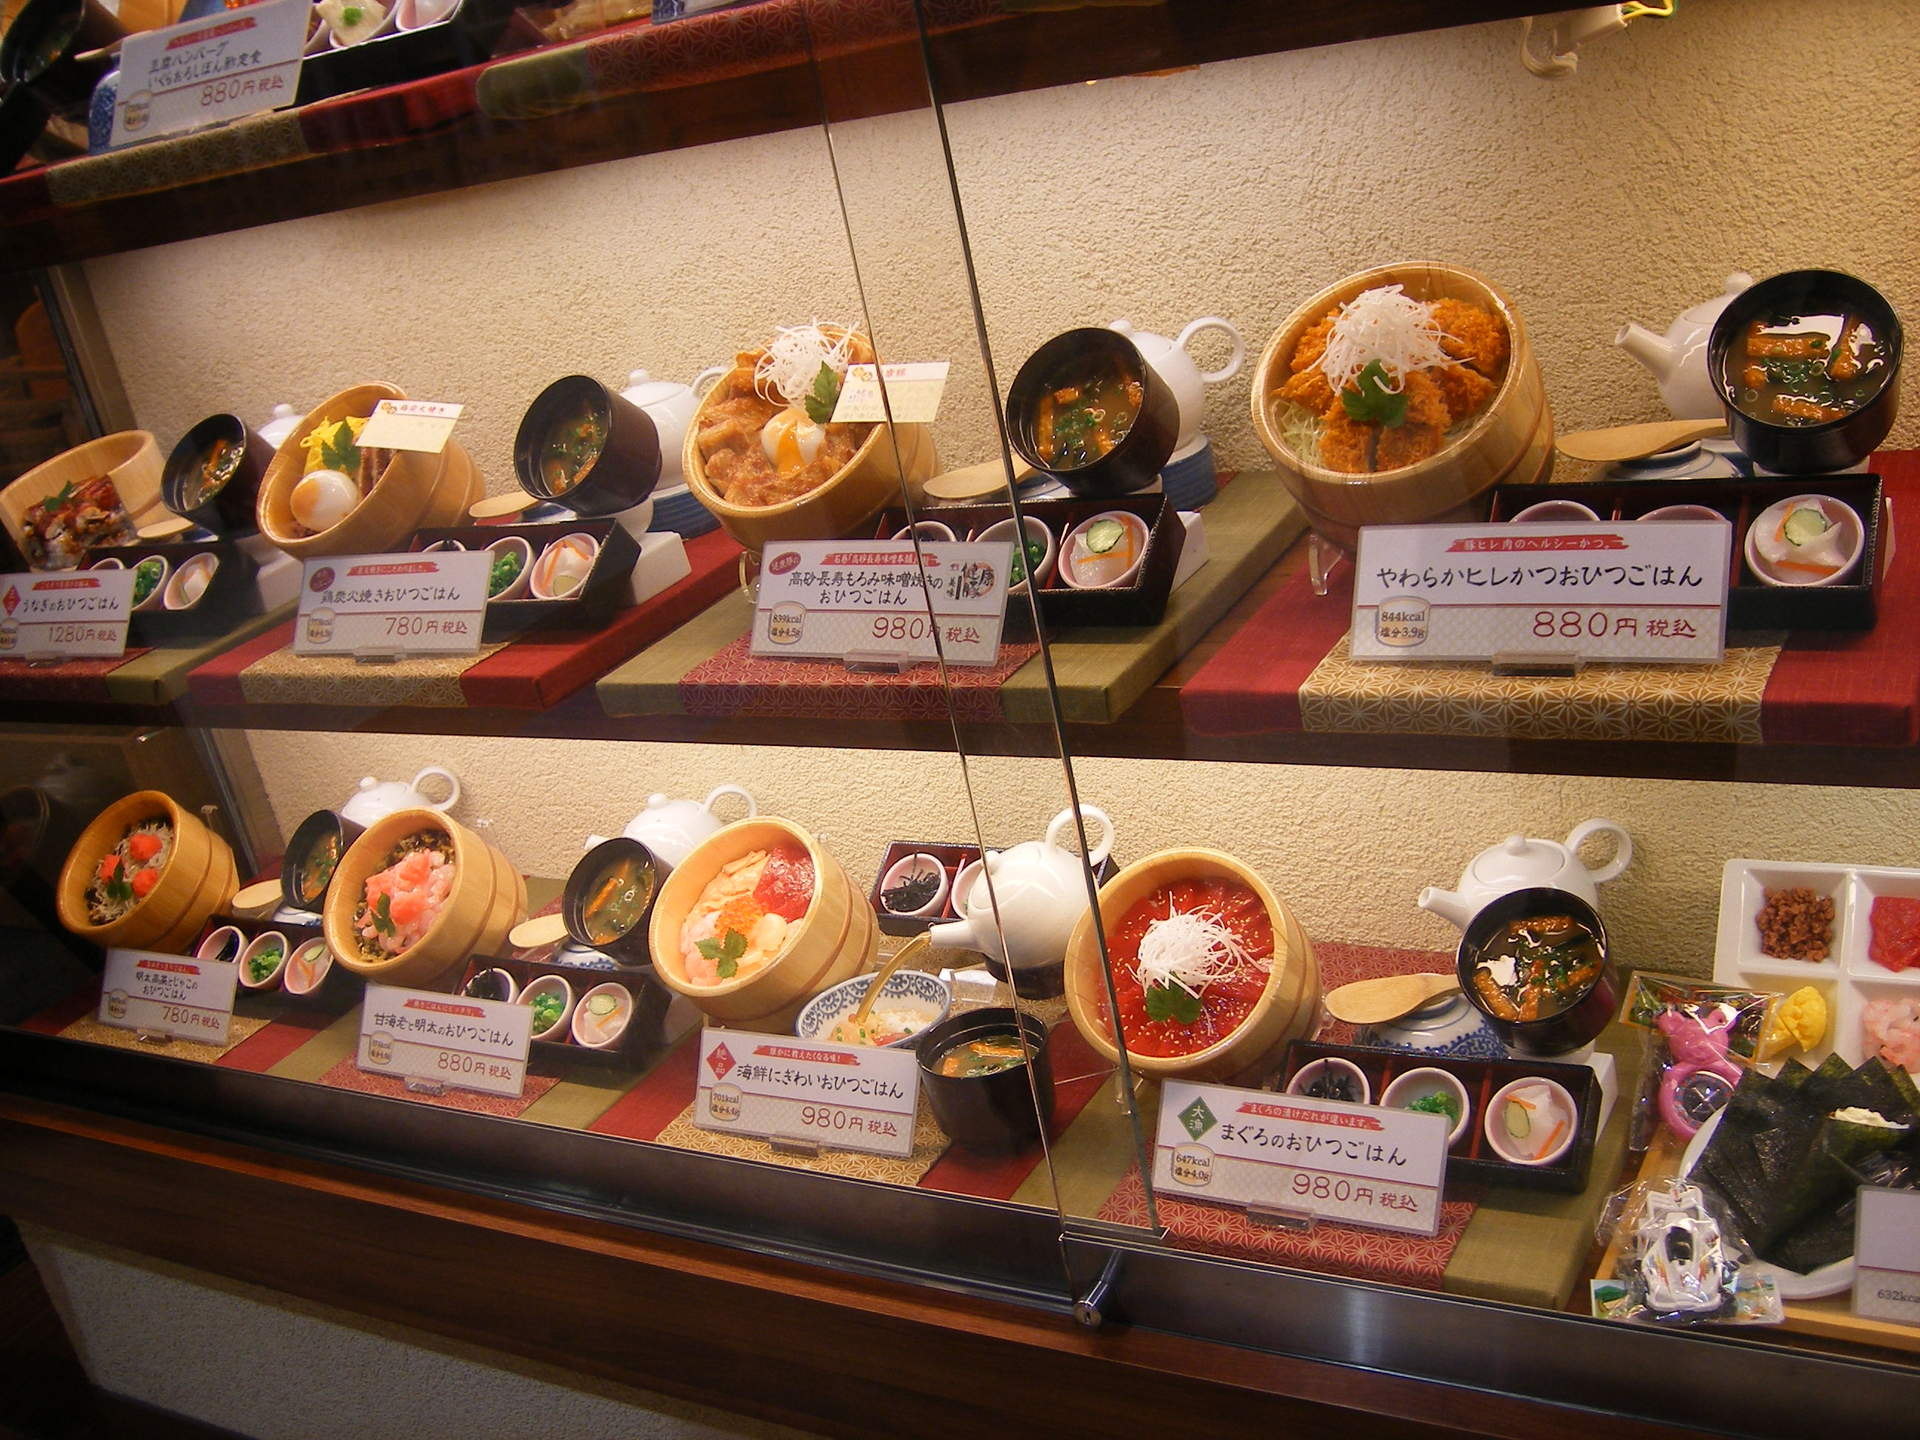 おひつごはん四六時中 京都五条店